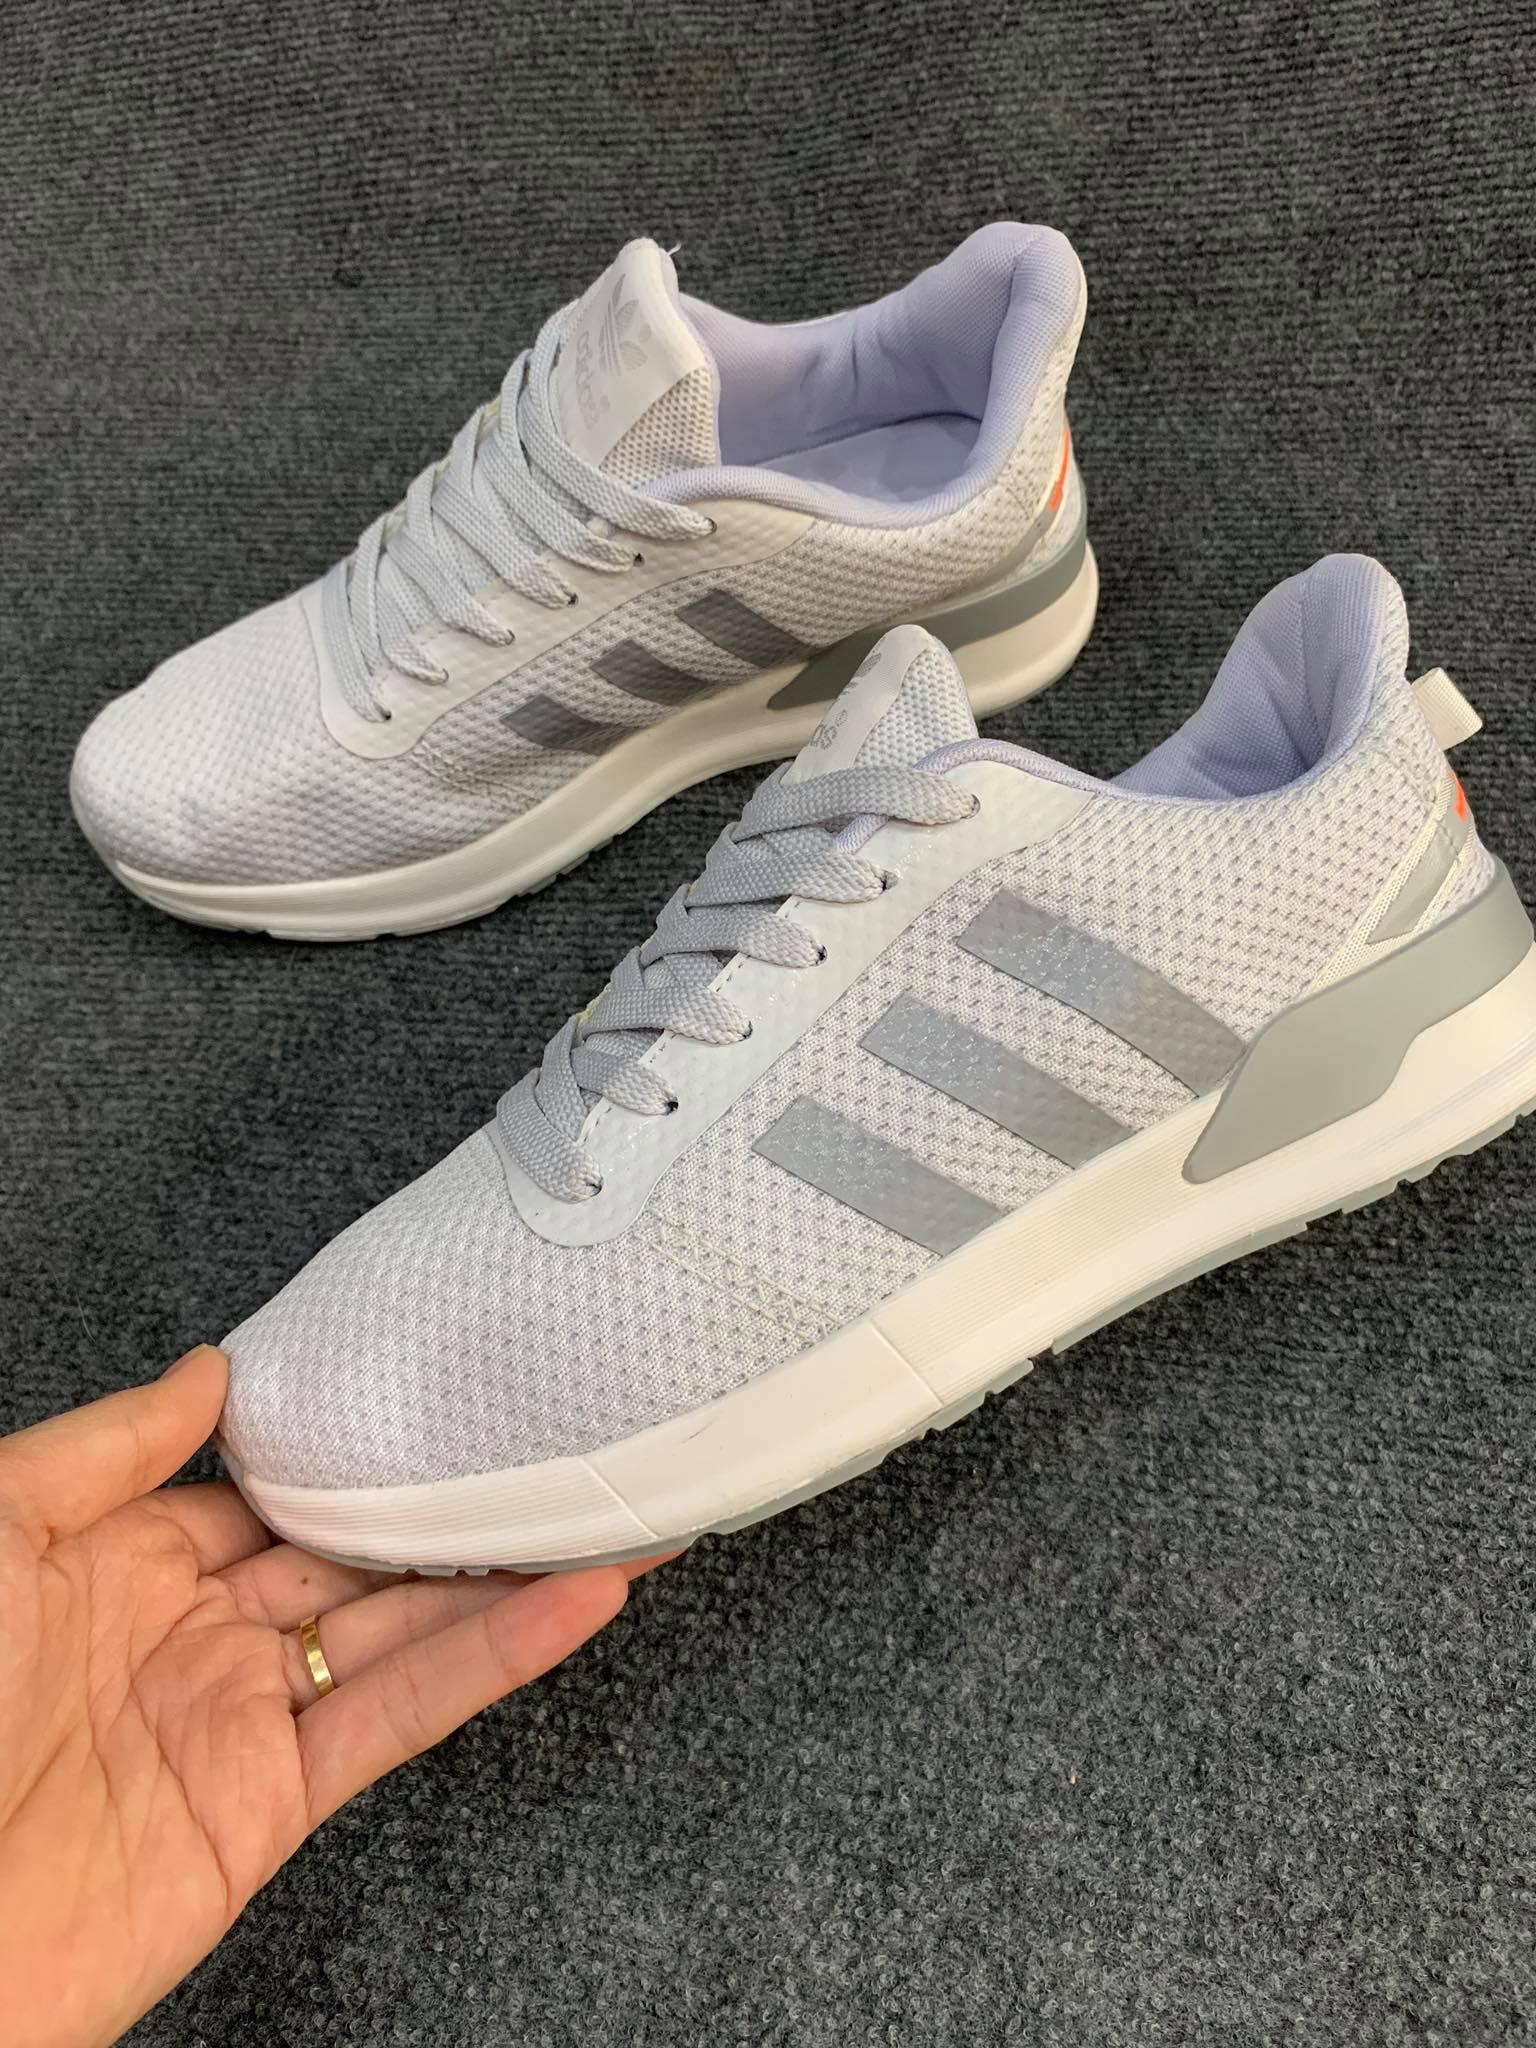 Giày Adidas xám trắng